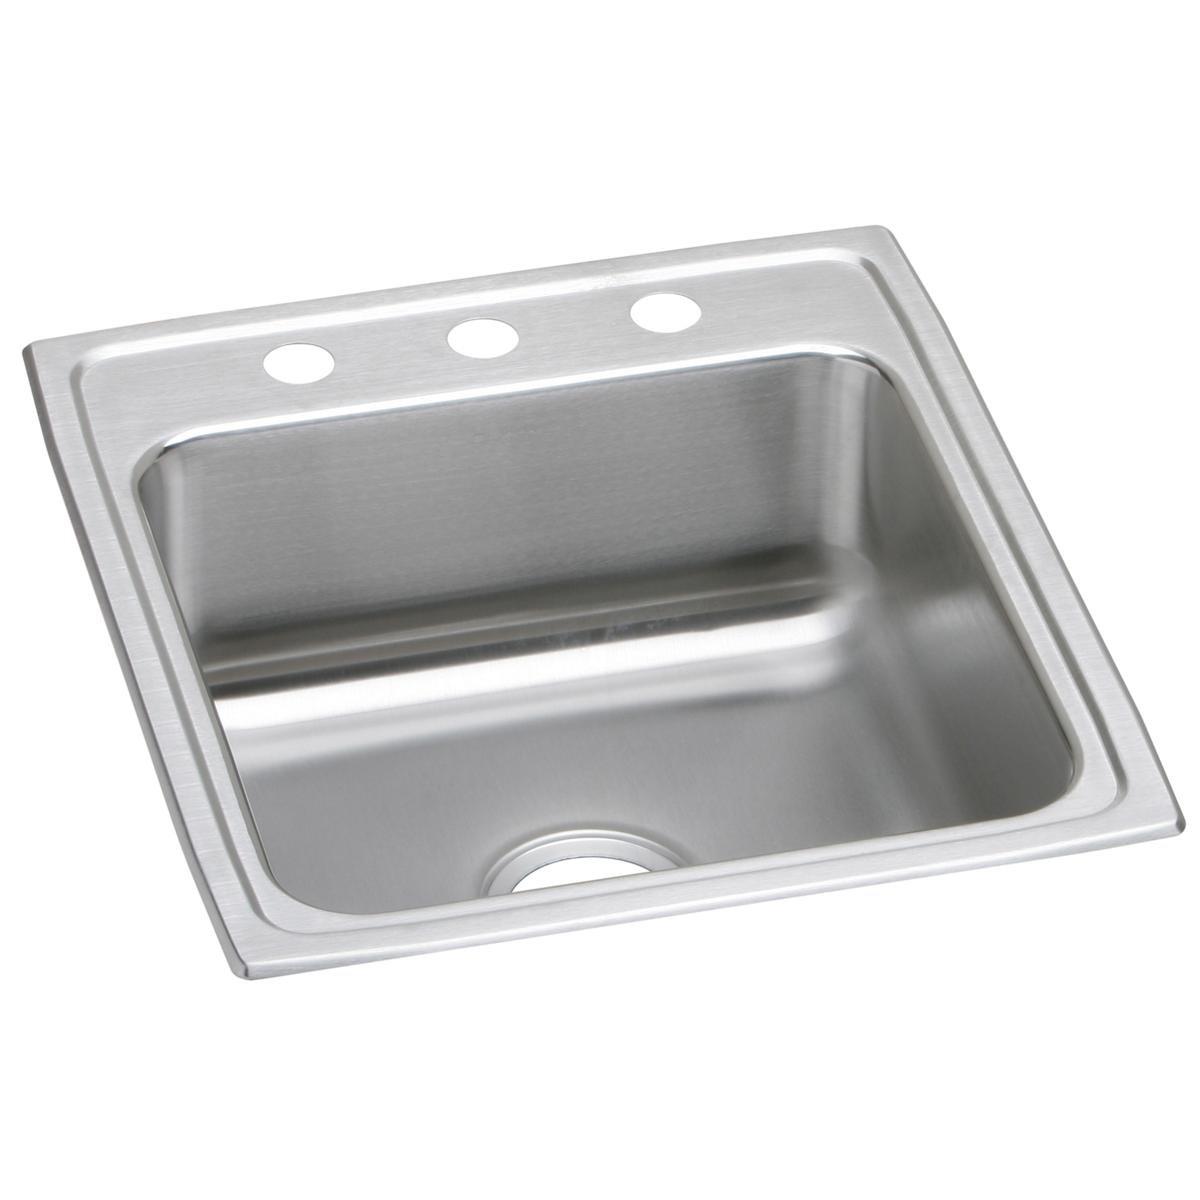 Elkay Lustertone LRAD2022603 Single Bowl Top Mount Stainless Steel ADA Sink